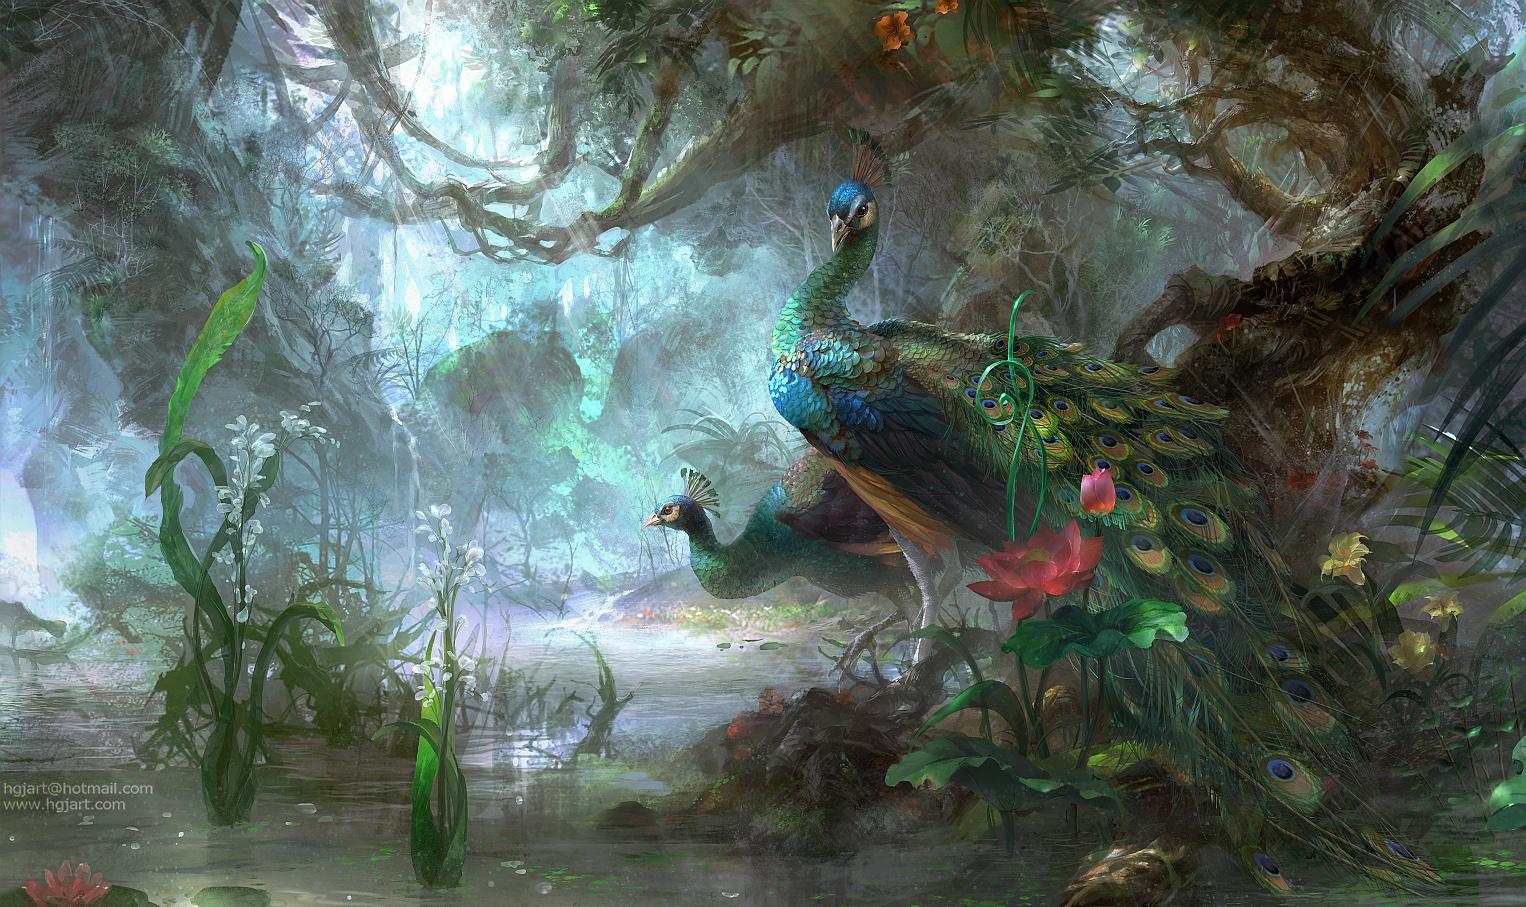 Artwork by Guangjian Huang